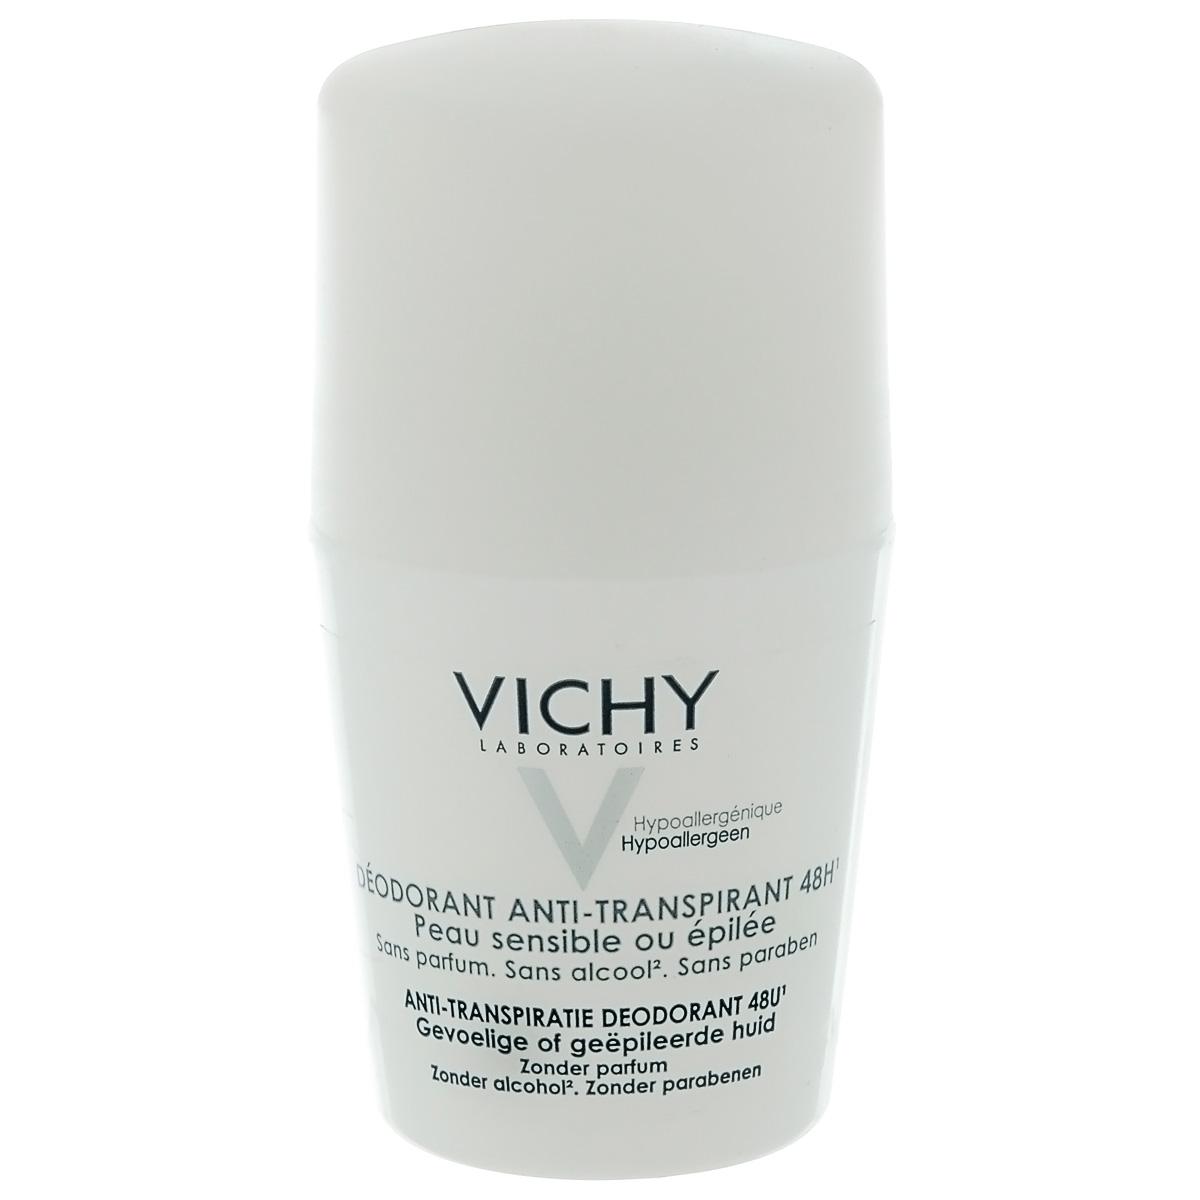 Vichy Дезодорант шариковый 48 часов, для очень чувствительной кожи, 50 мл17214651Эффективен в течение 48 часов. Высокая переносимость. Регулирует избыточное потоотделение, не содержит спирта. Благодаря аминокомплексурастительного происхождения, быстро снимает раздражение кожи и ощущение дискомфорта.